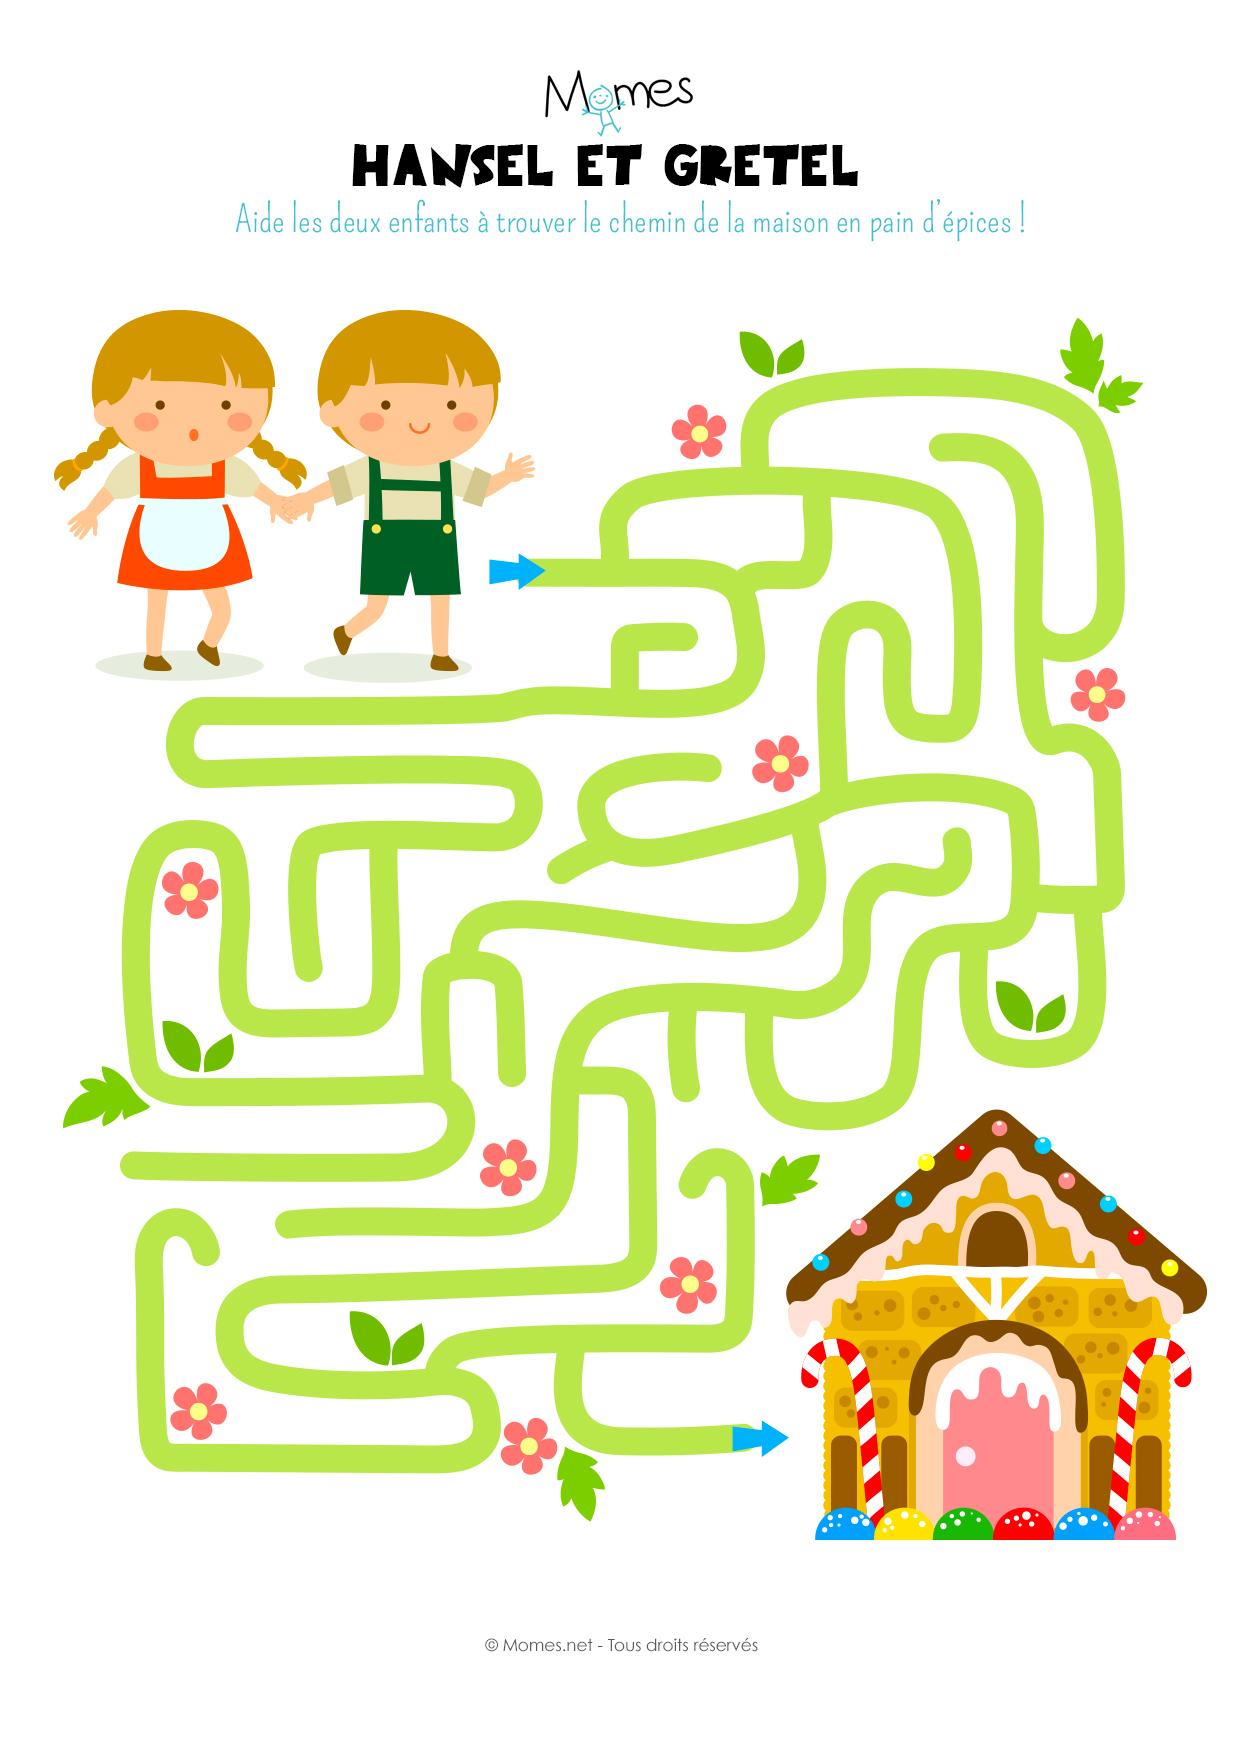 Le Labyrinthe D'hansel Et Gretel - Momes concernant Jeux À Imprimer 6 Ans